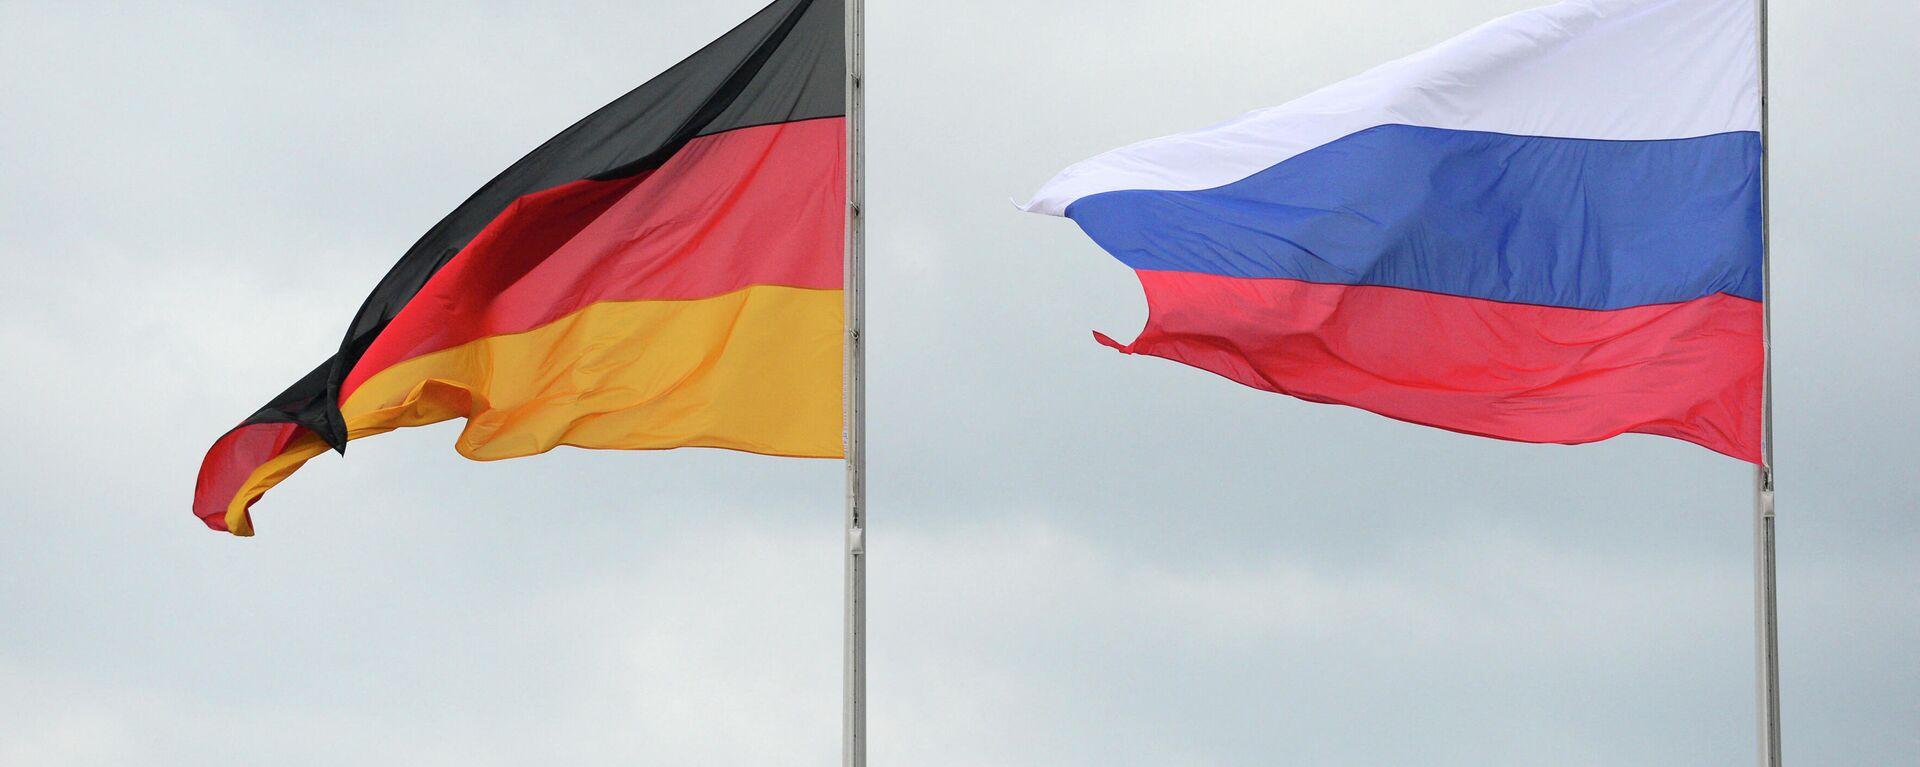 Flaggen Russlands und Deutschlands (Symbolbild) - SNA, 1920, 18.05.2021